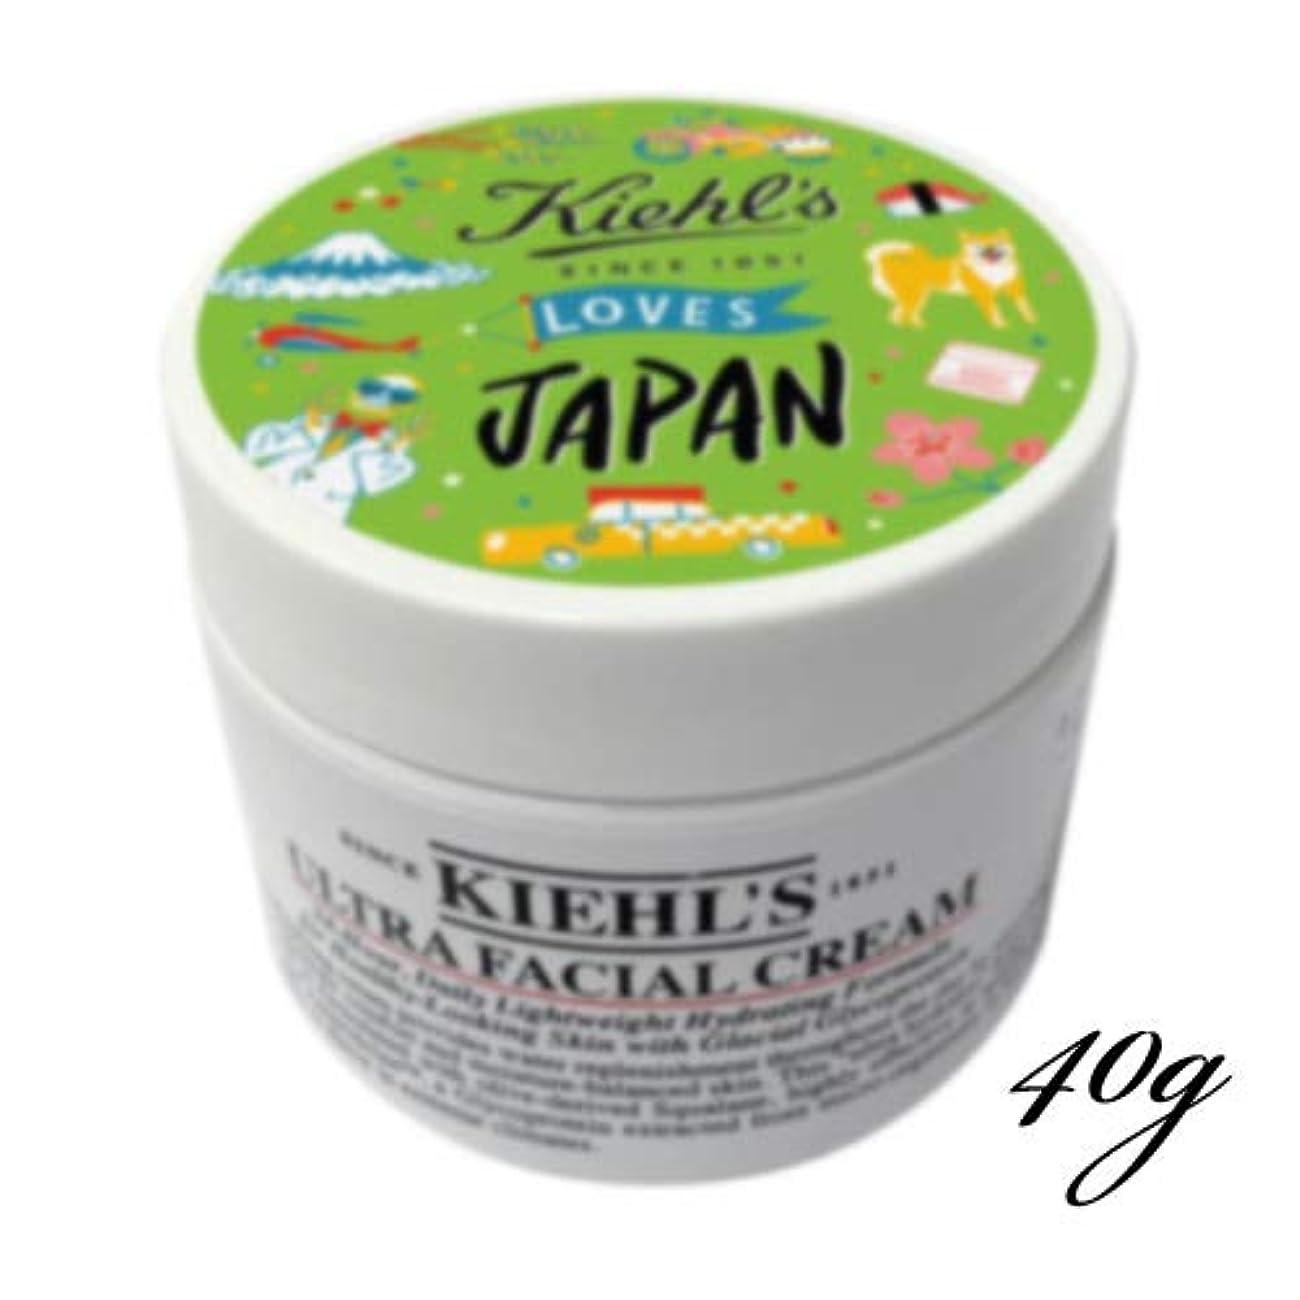 怒っているムス橋Kiehl's(キールズ) キールズ クリーム UFC (Kiehl's loves JAPAN限定 エディション) 49g